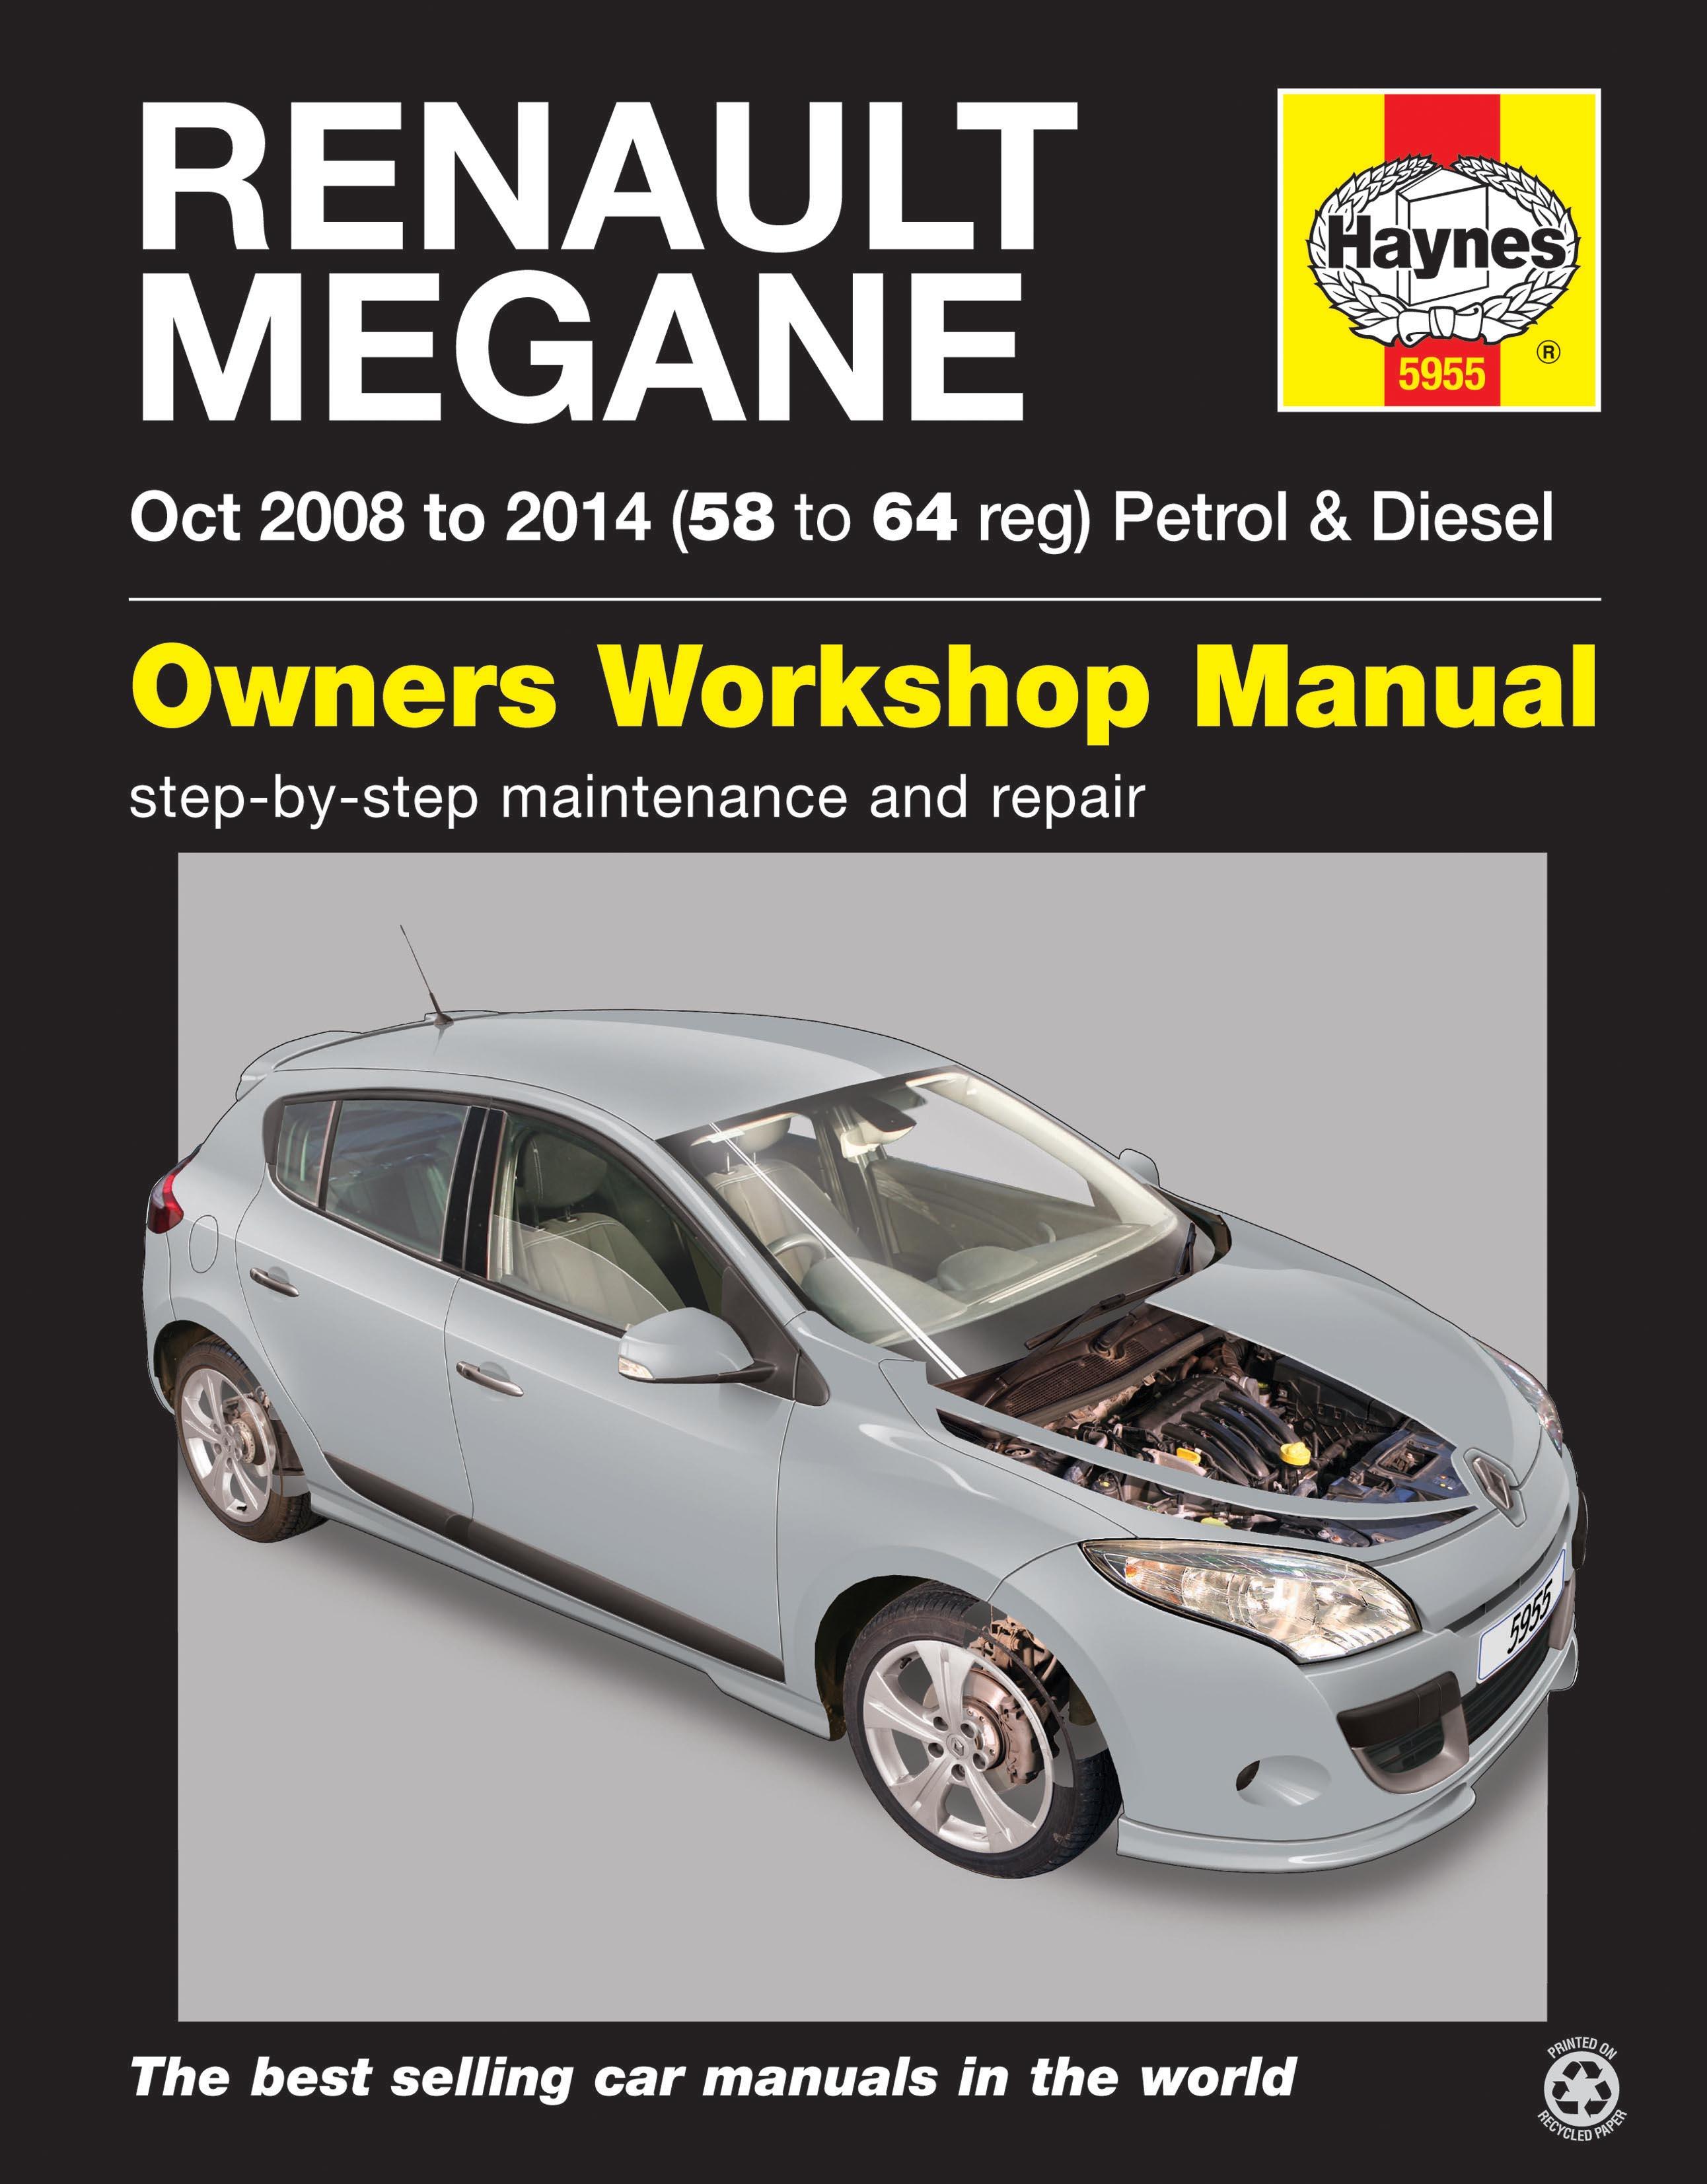 Renault Megane (08 - 14) Haynes Repair Manual | Haynes Publishing